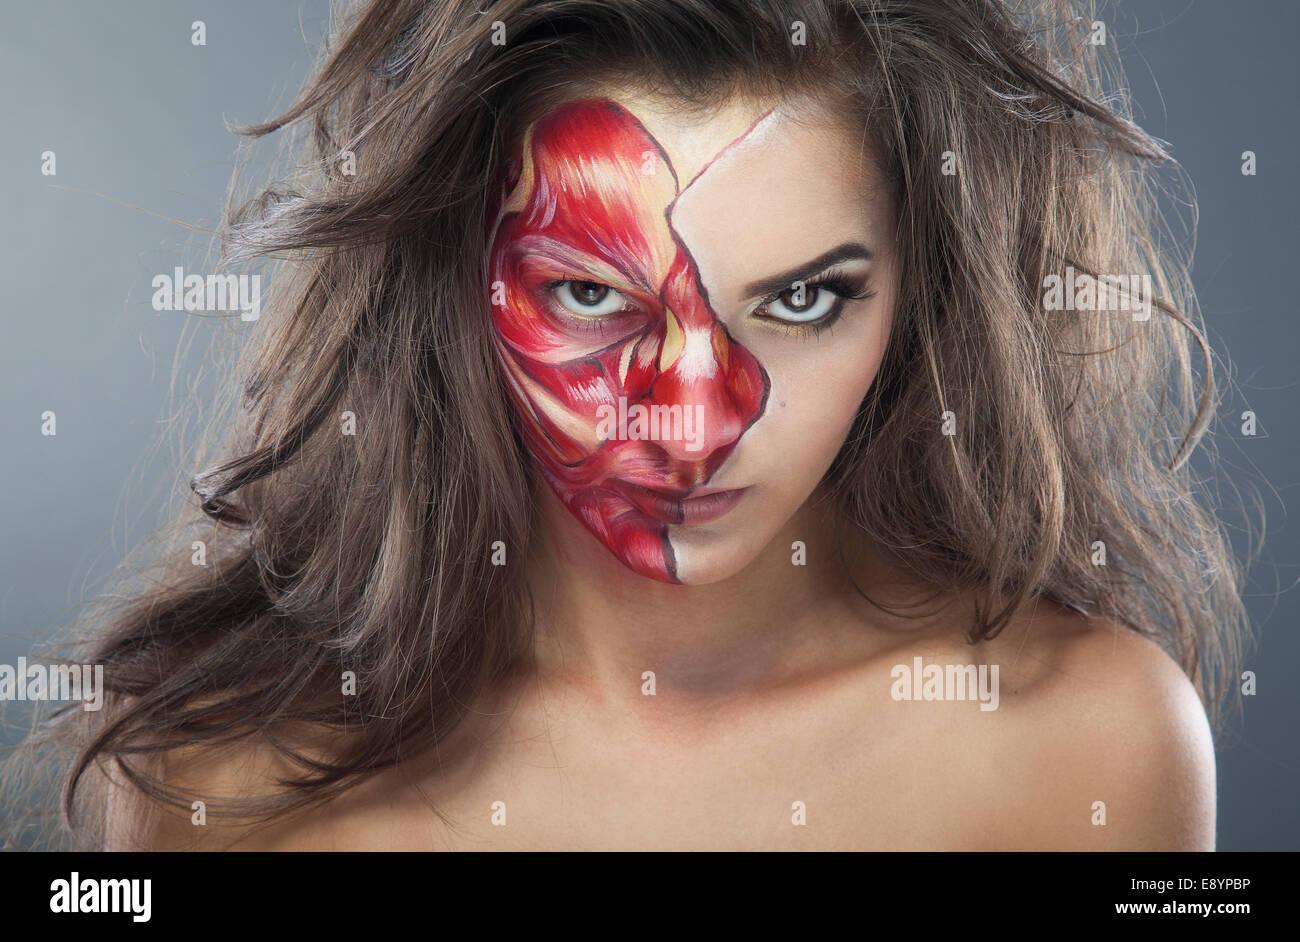 Zombie Girl maquillage pour Halloween de cette année, la moitié font face à la beauté, un autre Photo Stock